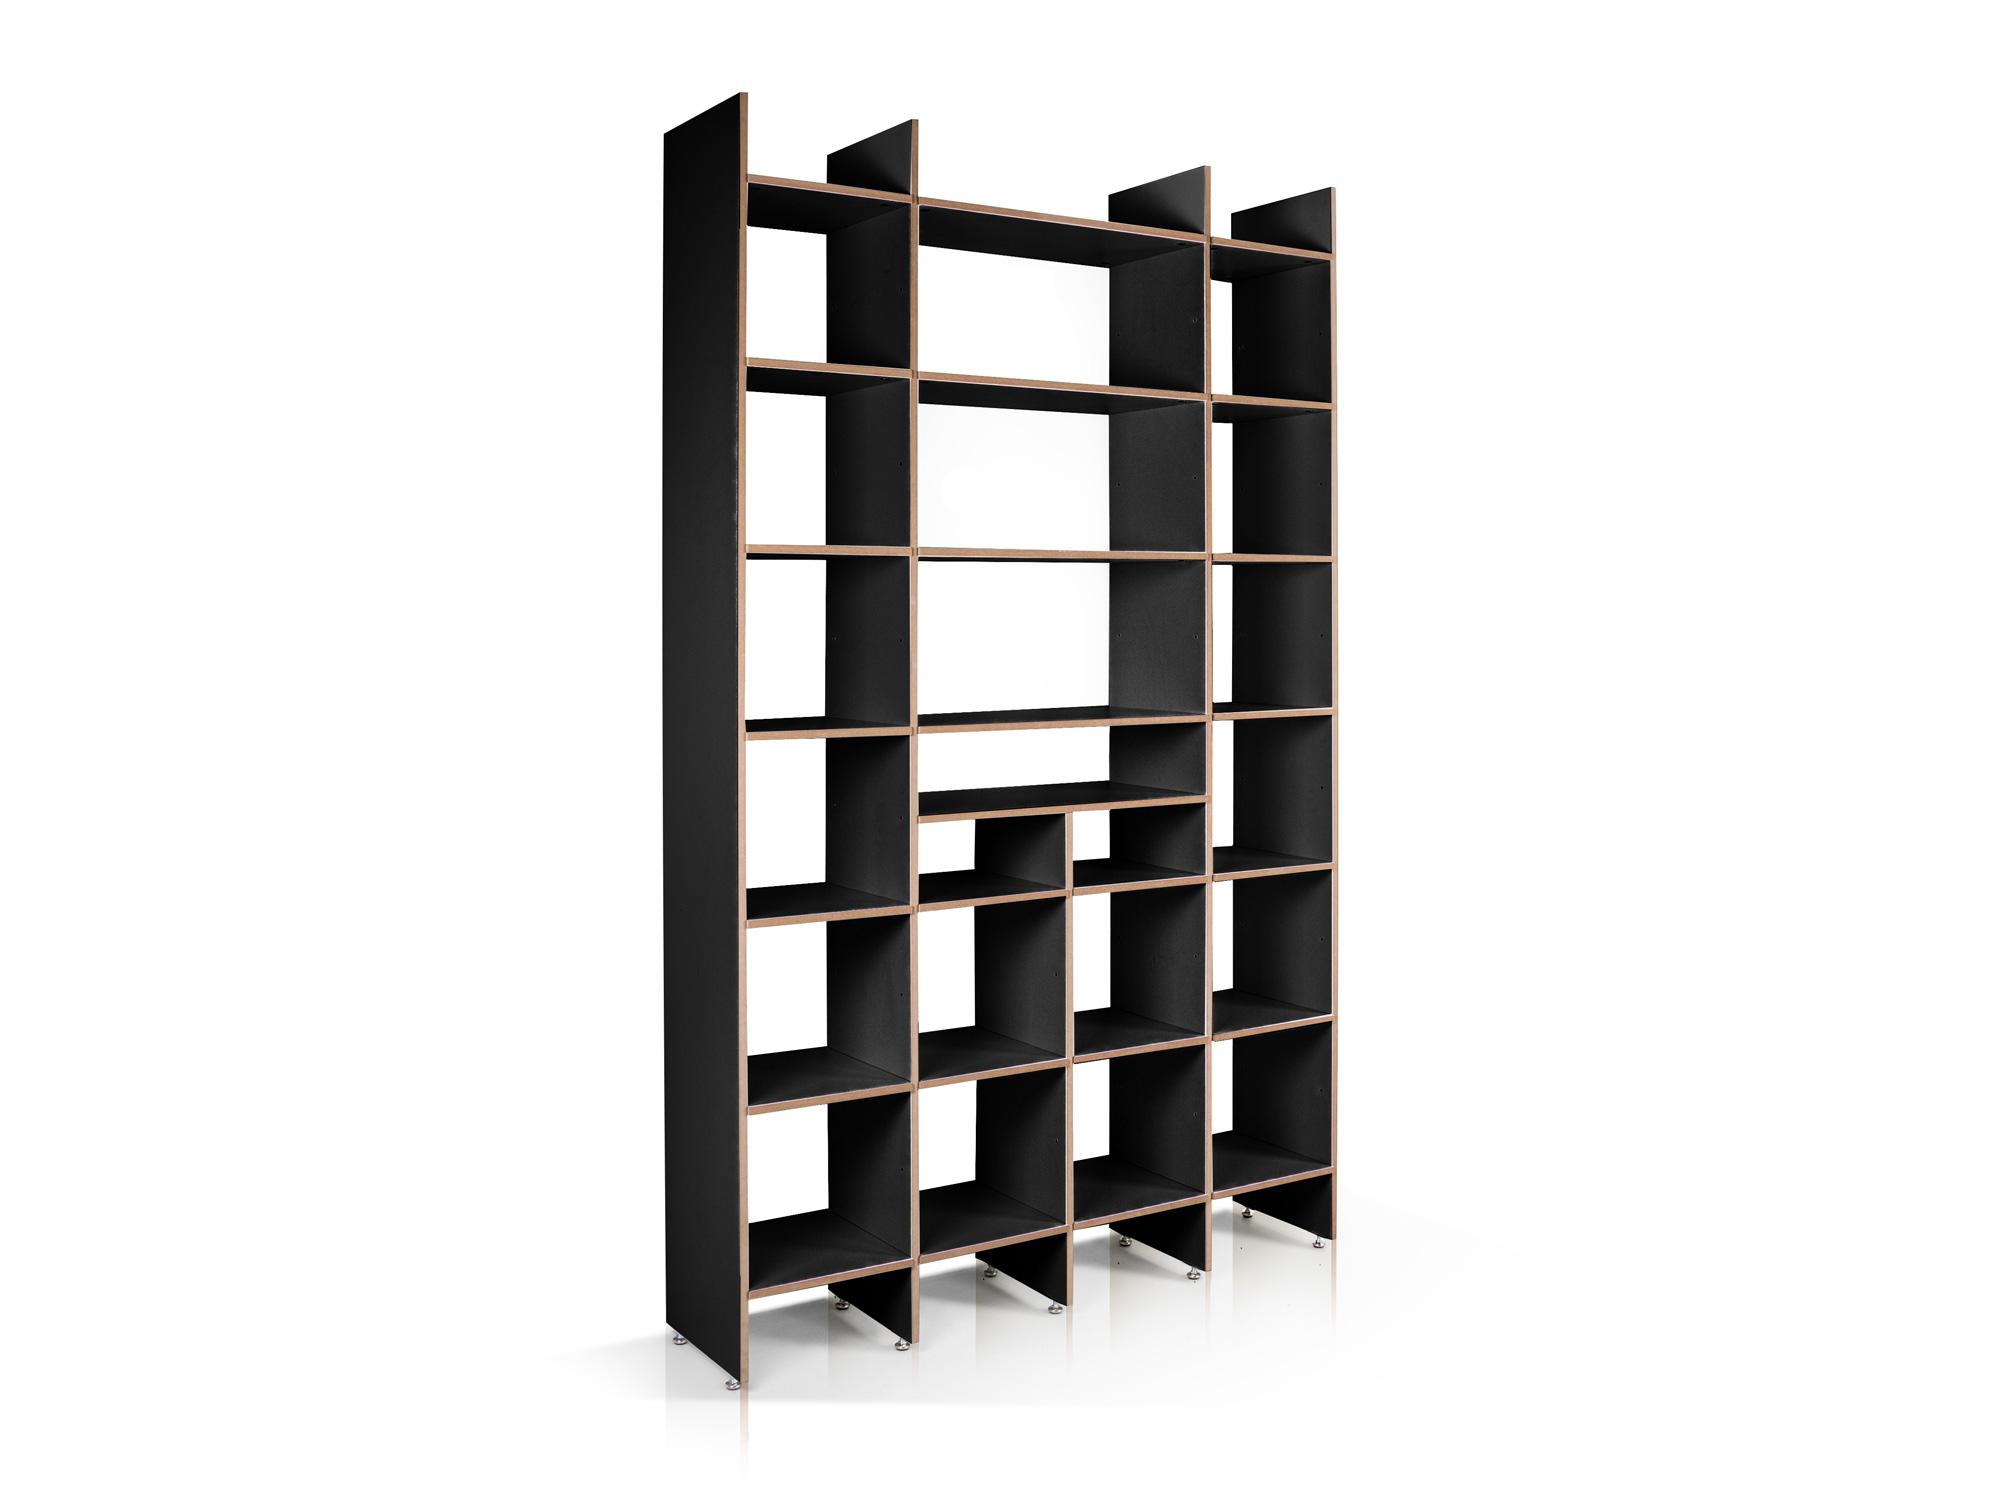 fmb i regalsystem regal schwarz. Black Bedroom Furniture Sets. Home Design Ideas